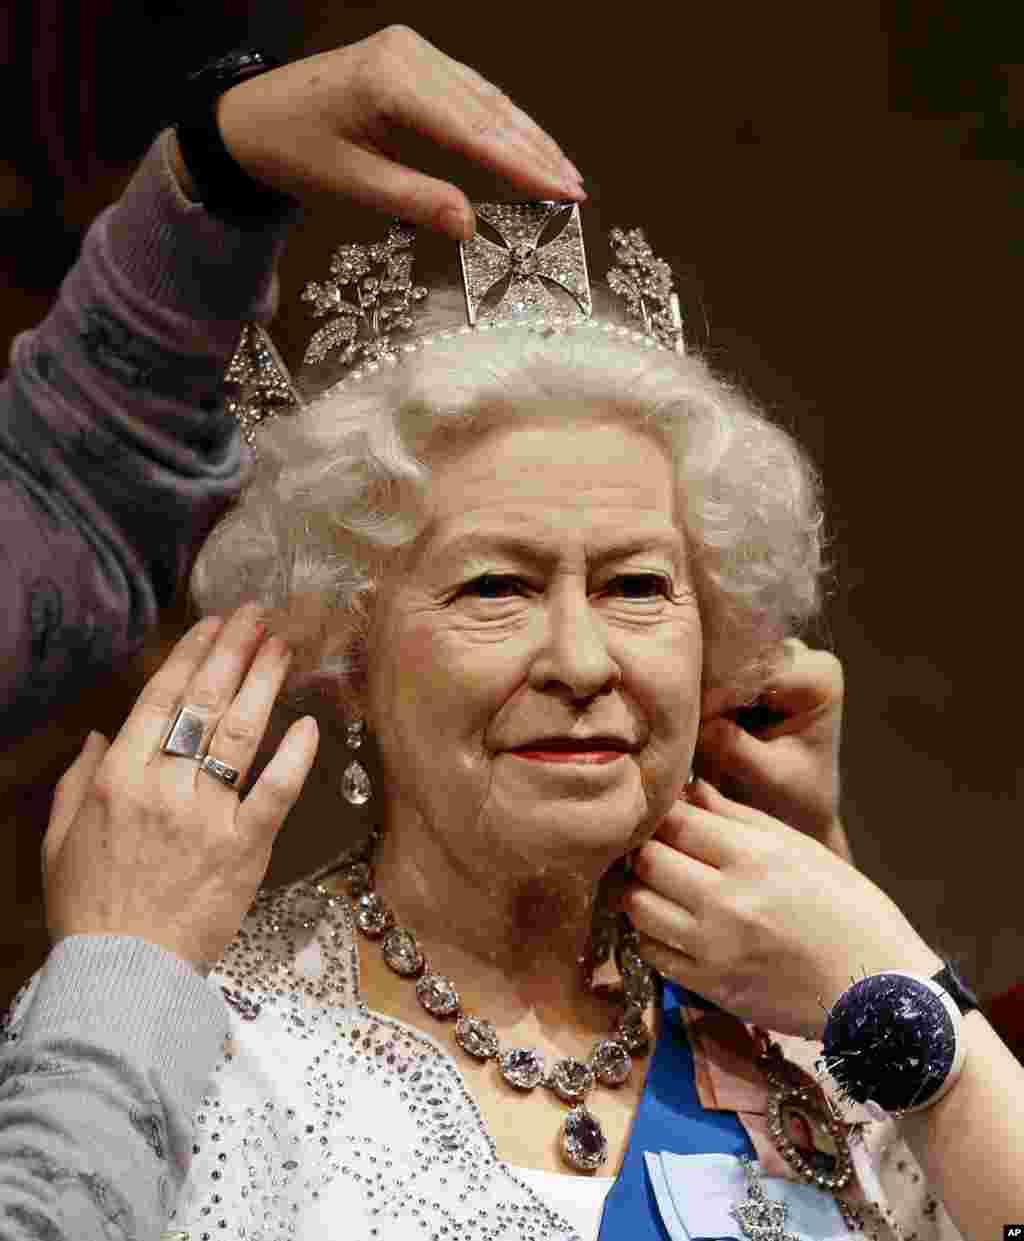 Nhân viên chỉnh sửa lại tượng sáp Nữ hoàng Anh Elizabeth II tại Viện bảo tàng Madame Tussauds ở London.